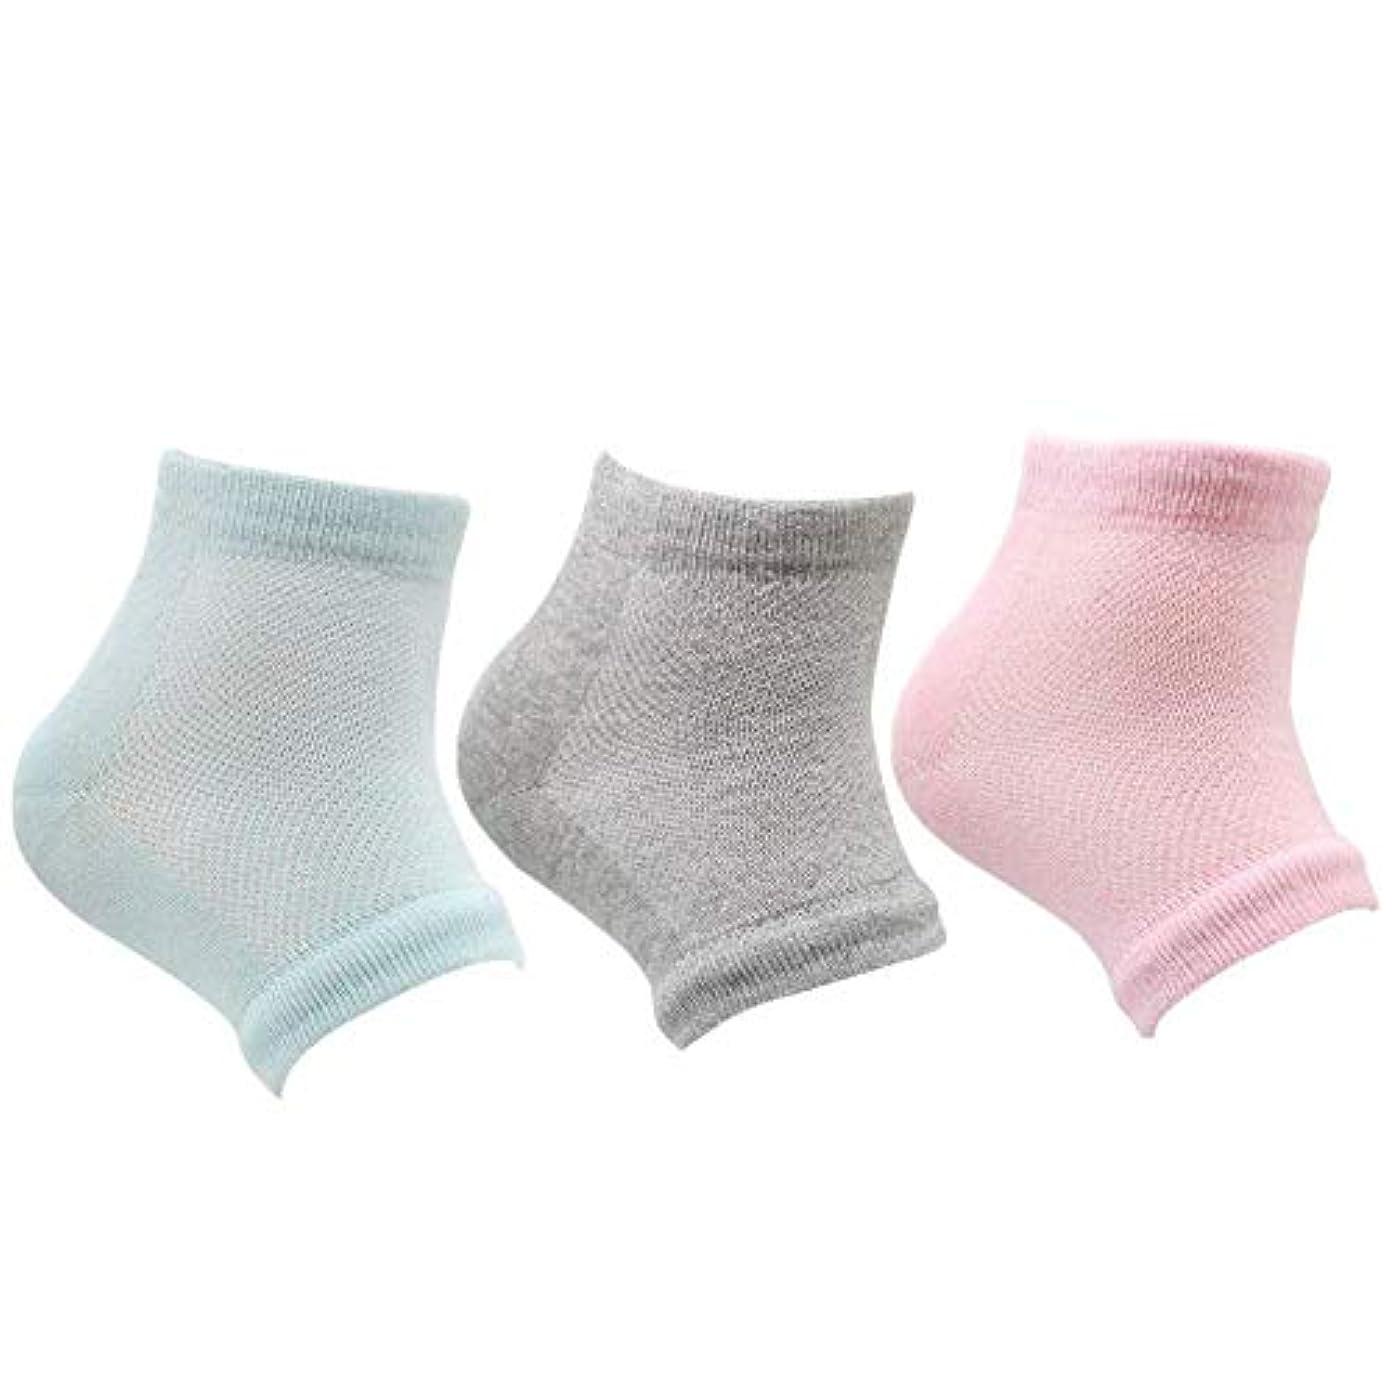 甘やかす言い換えるとローンかかと 靴下 つるつる ジェル かかとケア 男女兼用 グリーン ピンク グレイ 3足セット